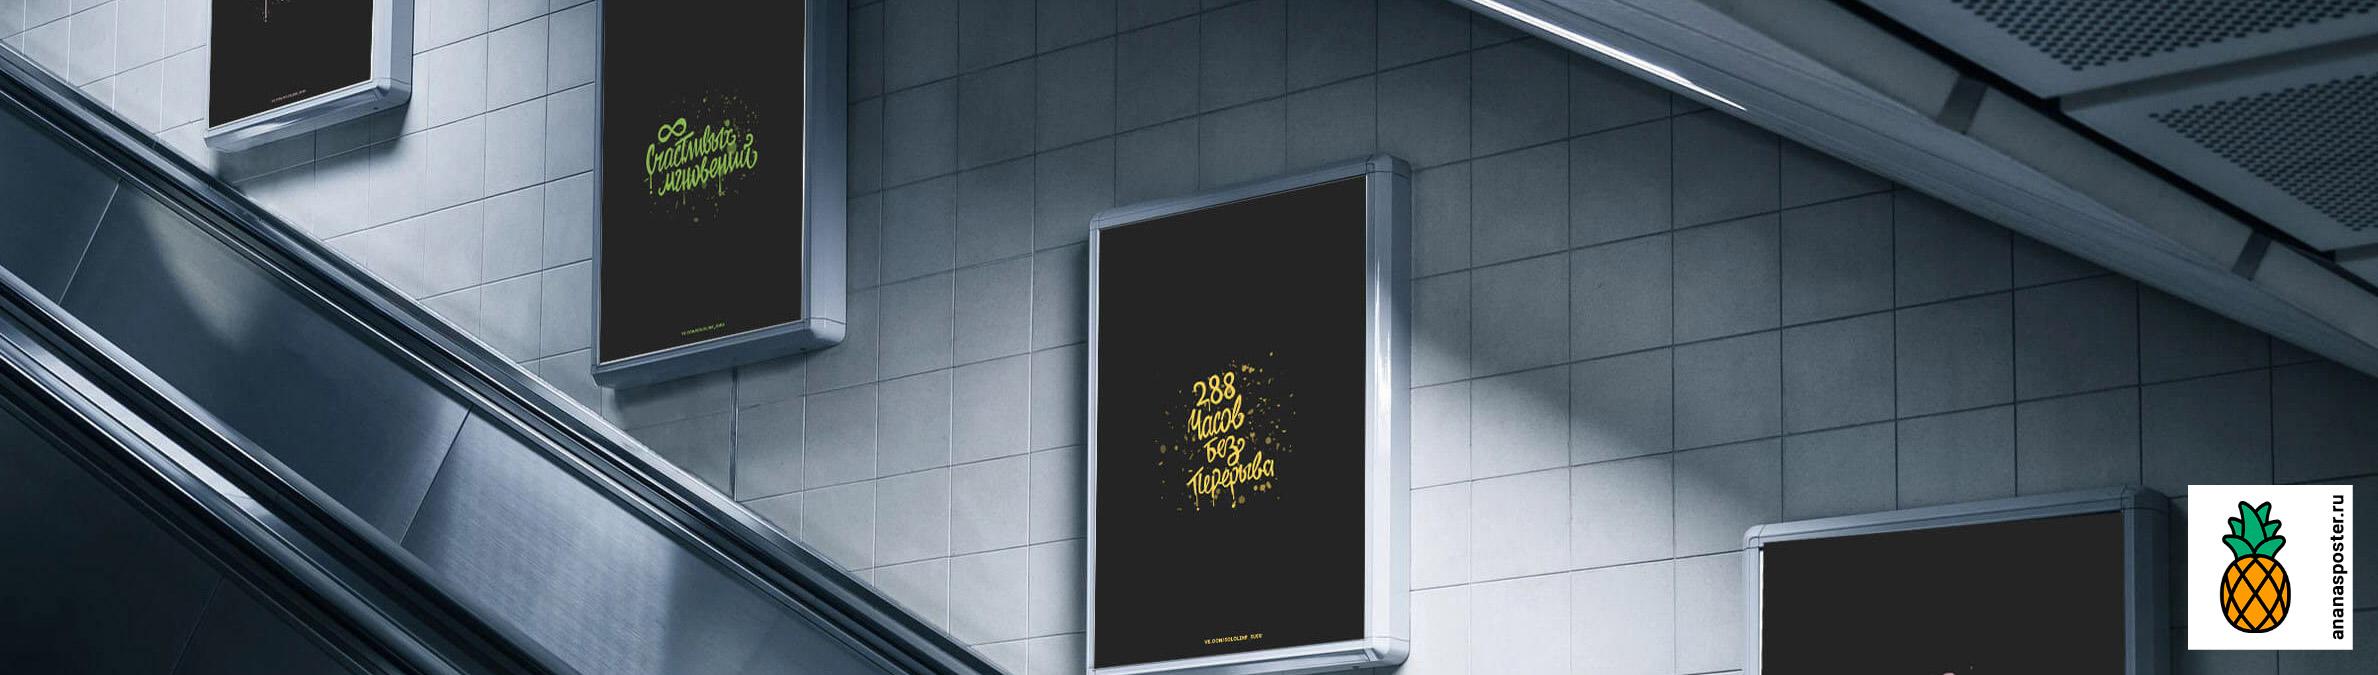 Дизайн афиш, плакатов и другой полиграфической продукции